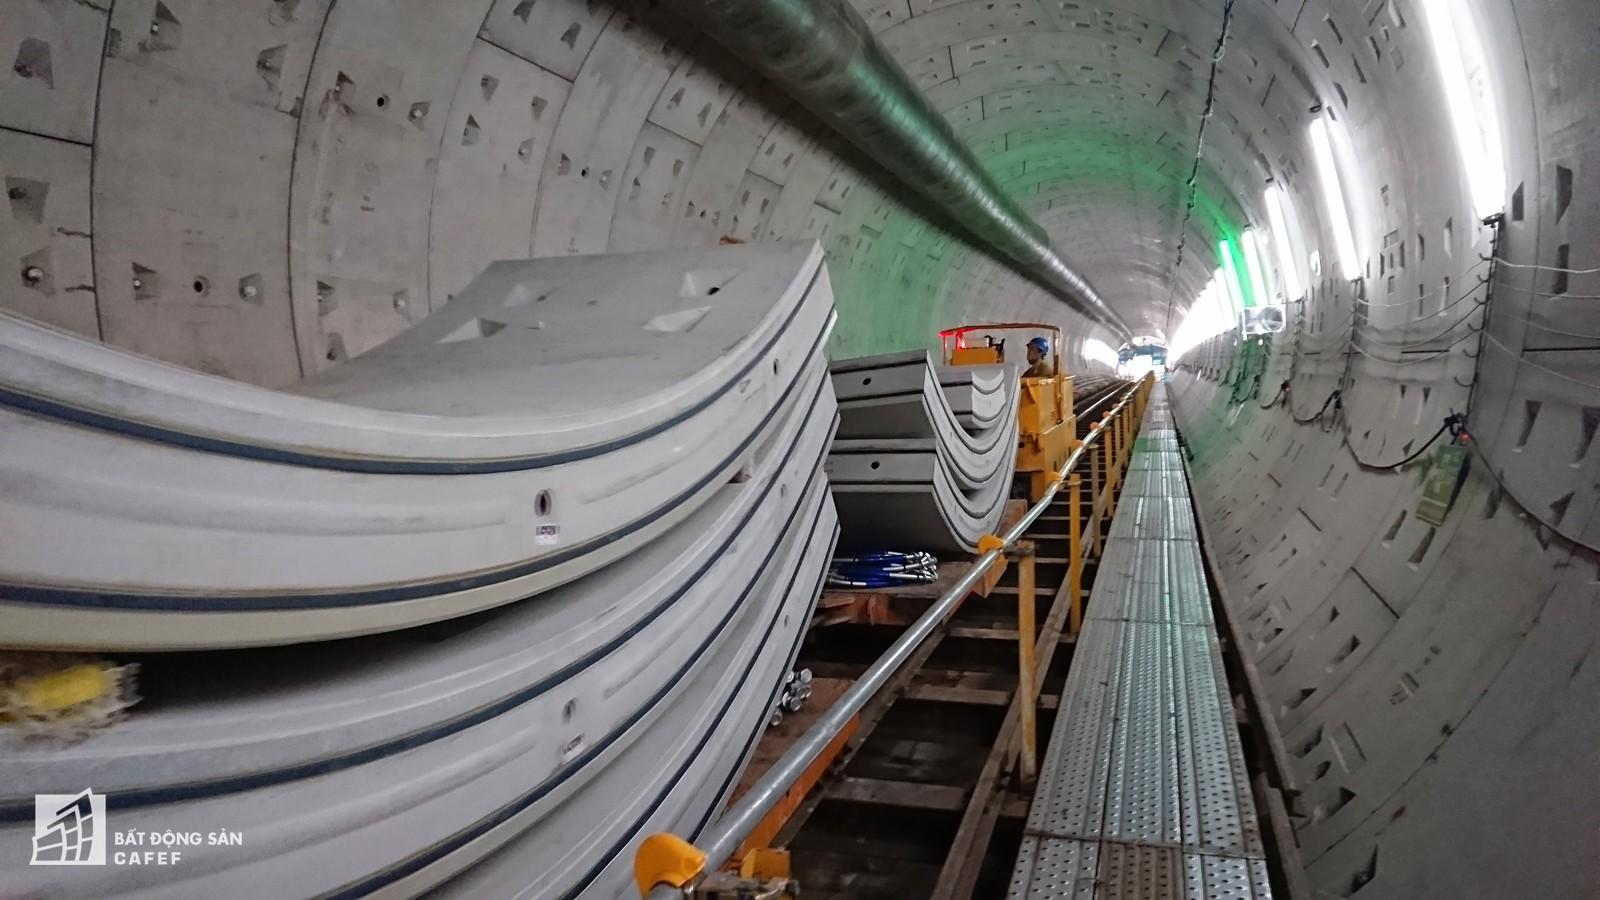 Ngắm đường hầm tàu điện đầu tiên tại Việt Nam sâu 17m dưới lòng đất Sài Gòn - Ảnh 8.